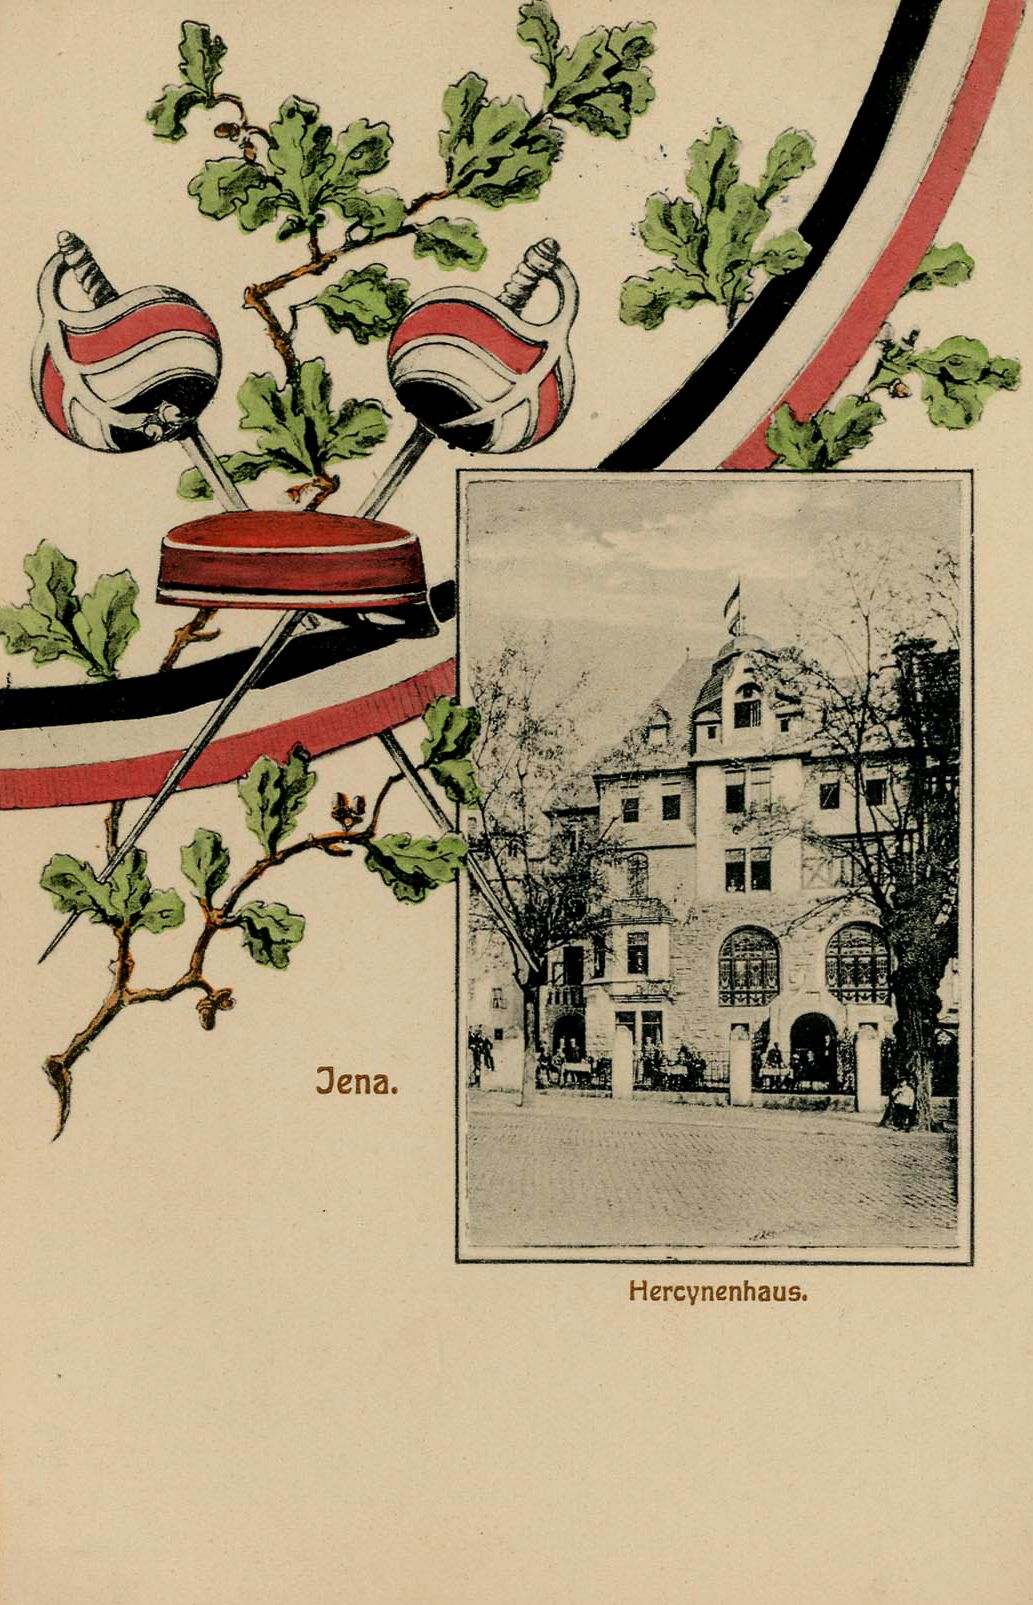 Landsmannschaft Hercynia Jena Studentenverbindung Jena Studenten